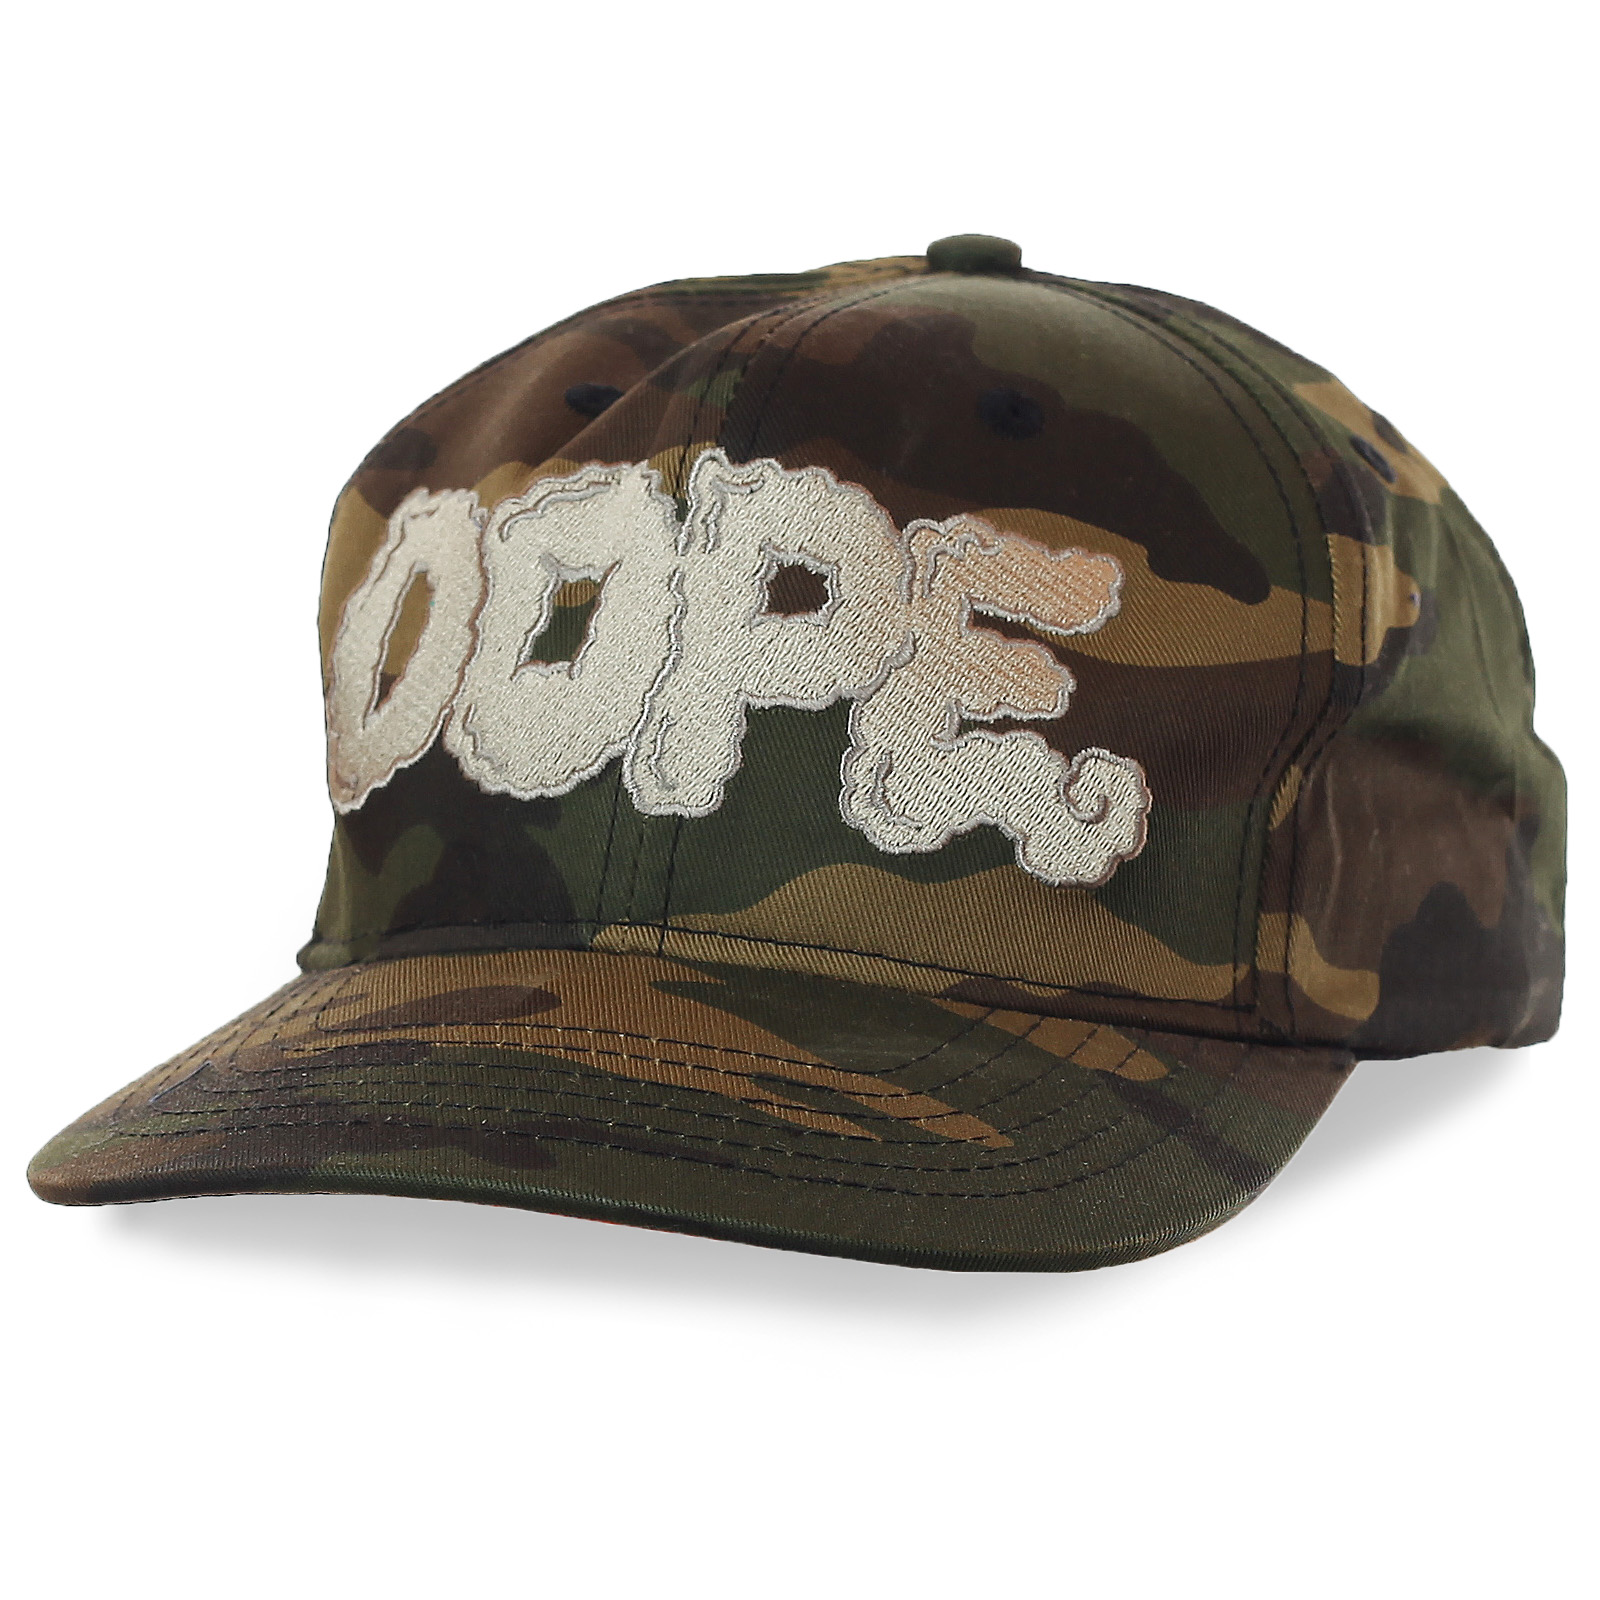 Бейсболка Dope – эталон стиля в камуфляжном дизайне. Широкий козырек, большое лого бренда, водоотталкивающая пропитка